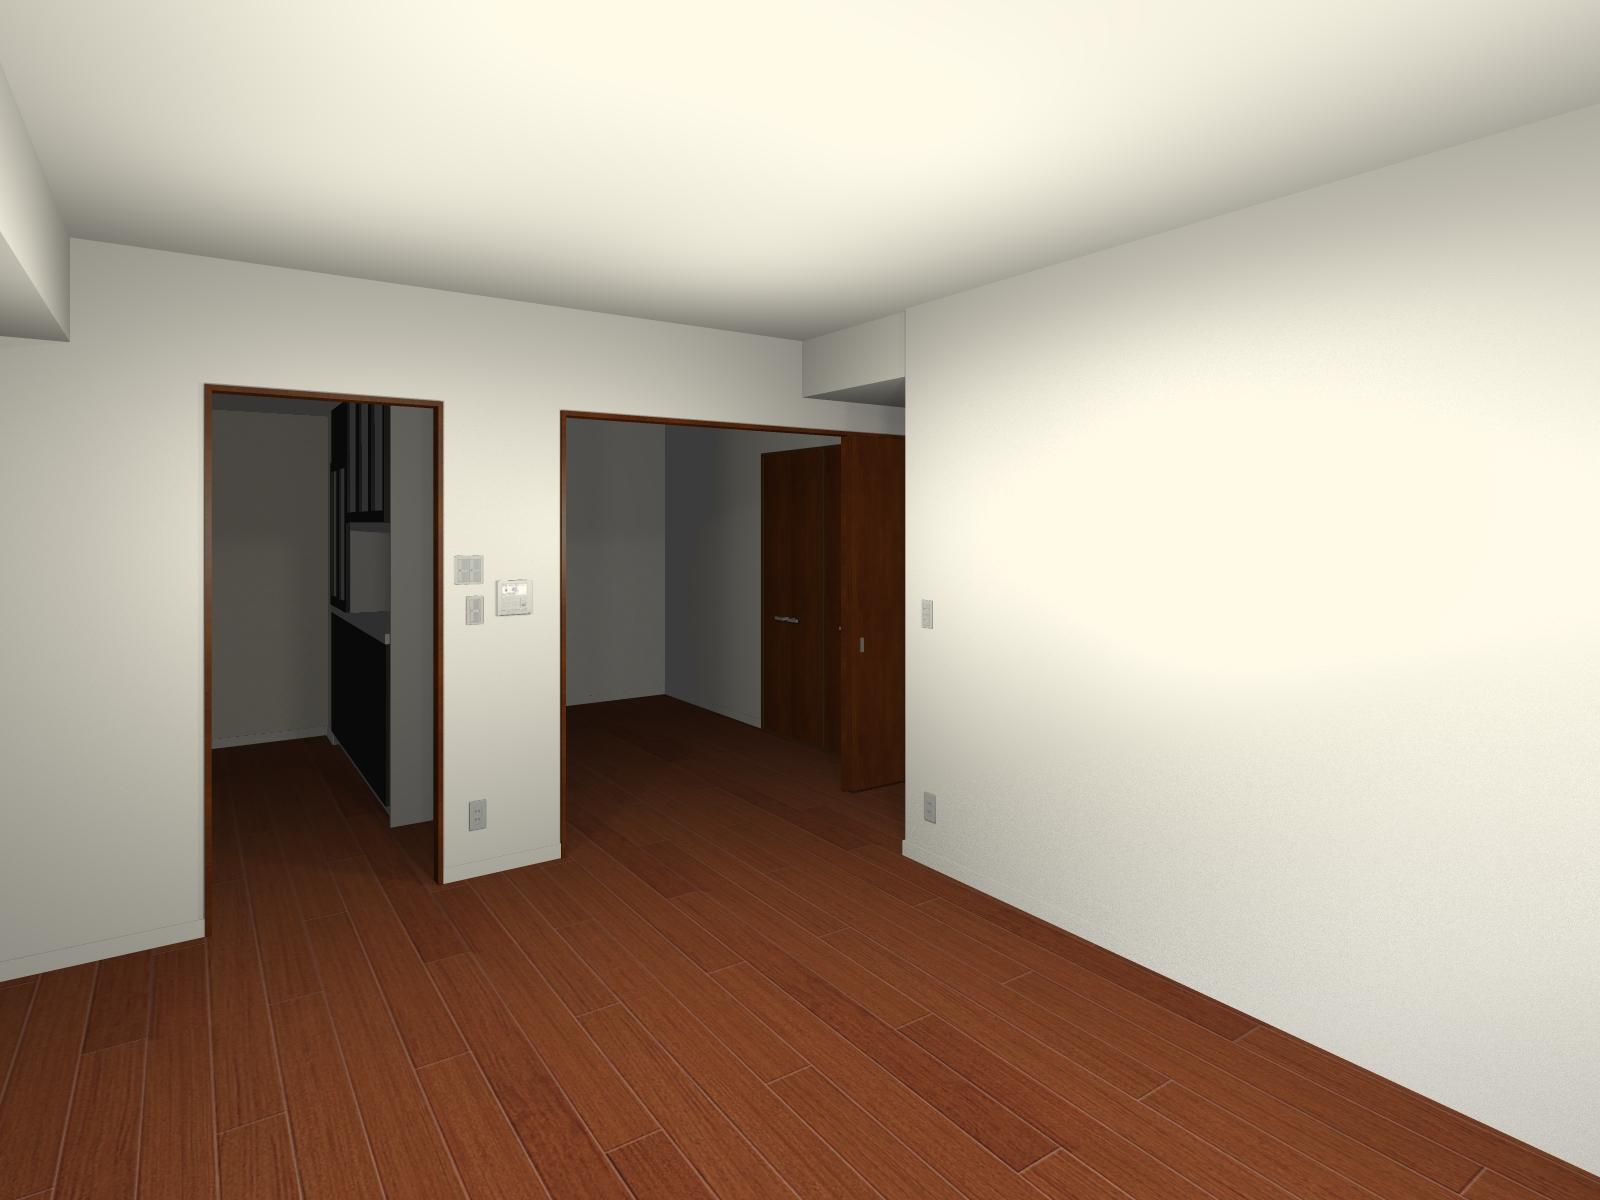 画像(250x187)・拡大画像(1600x1200)